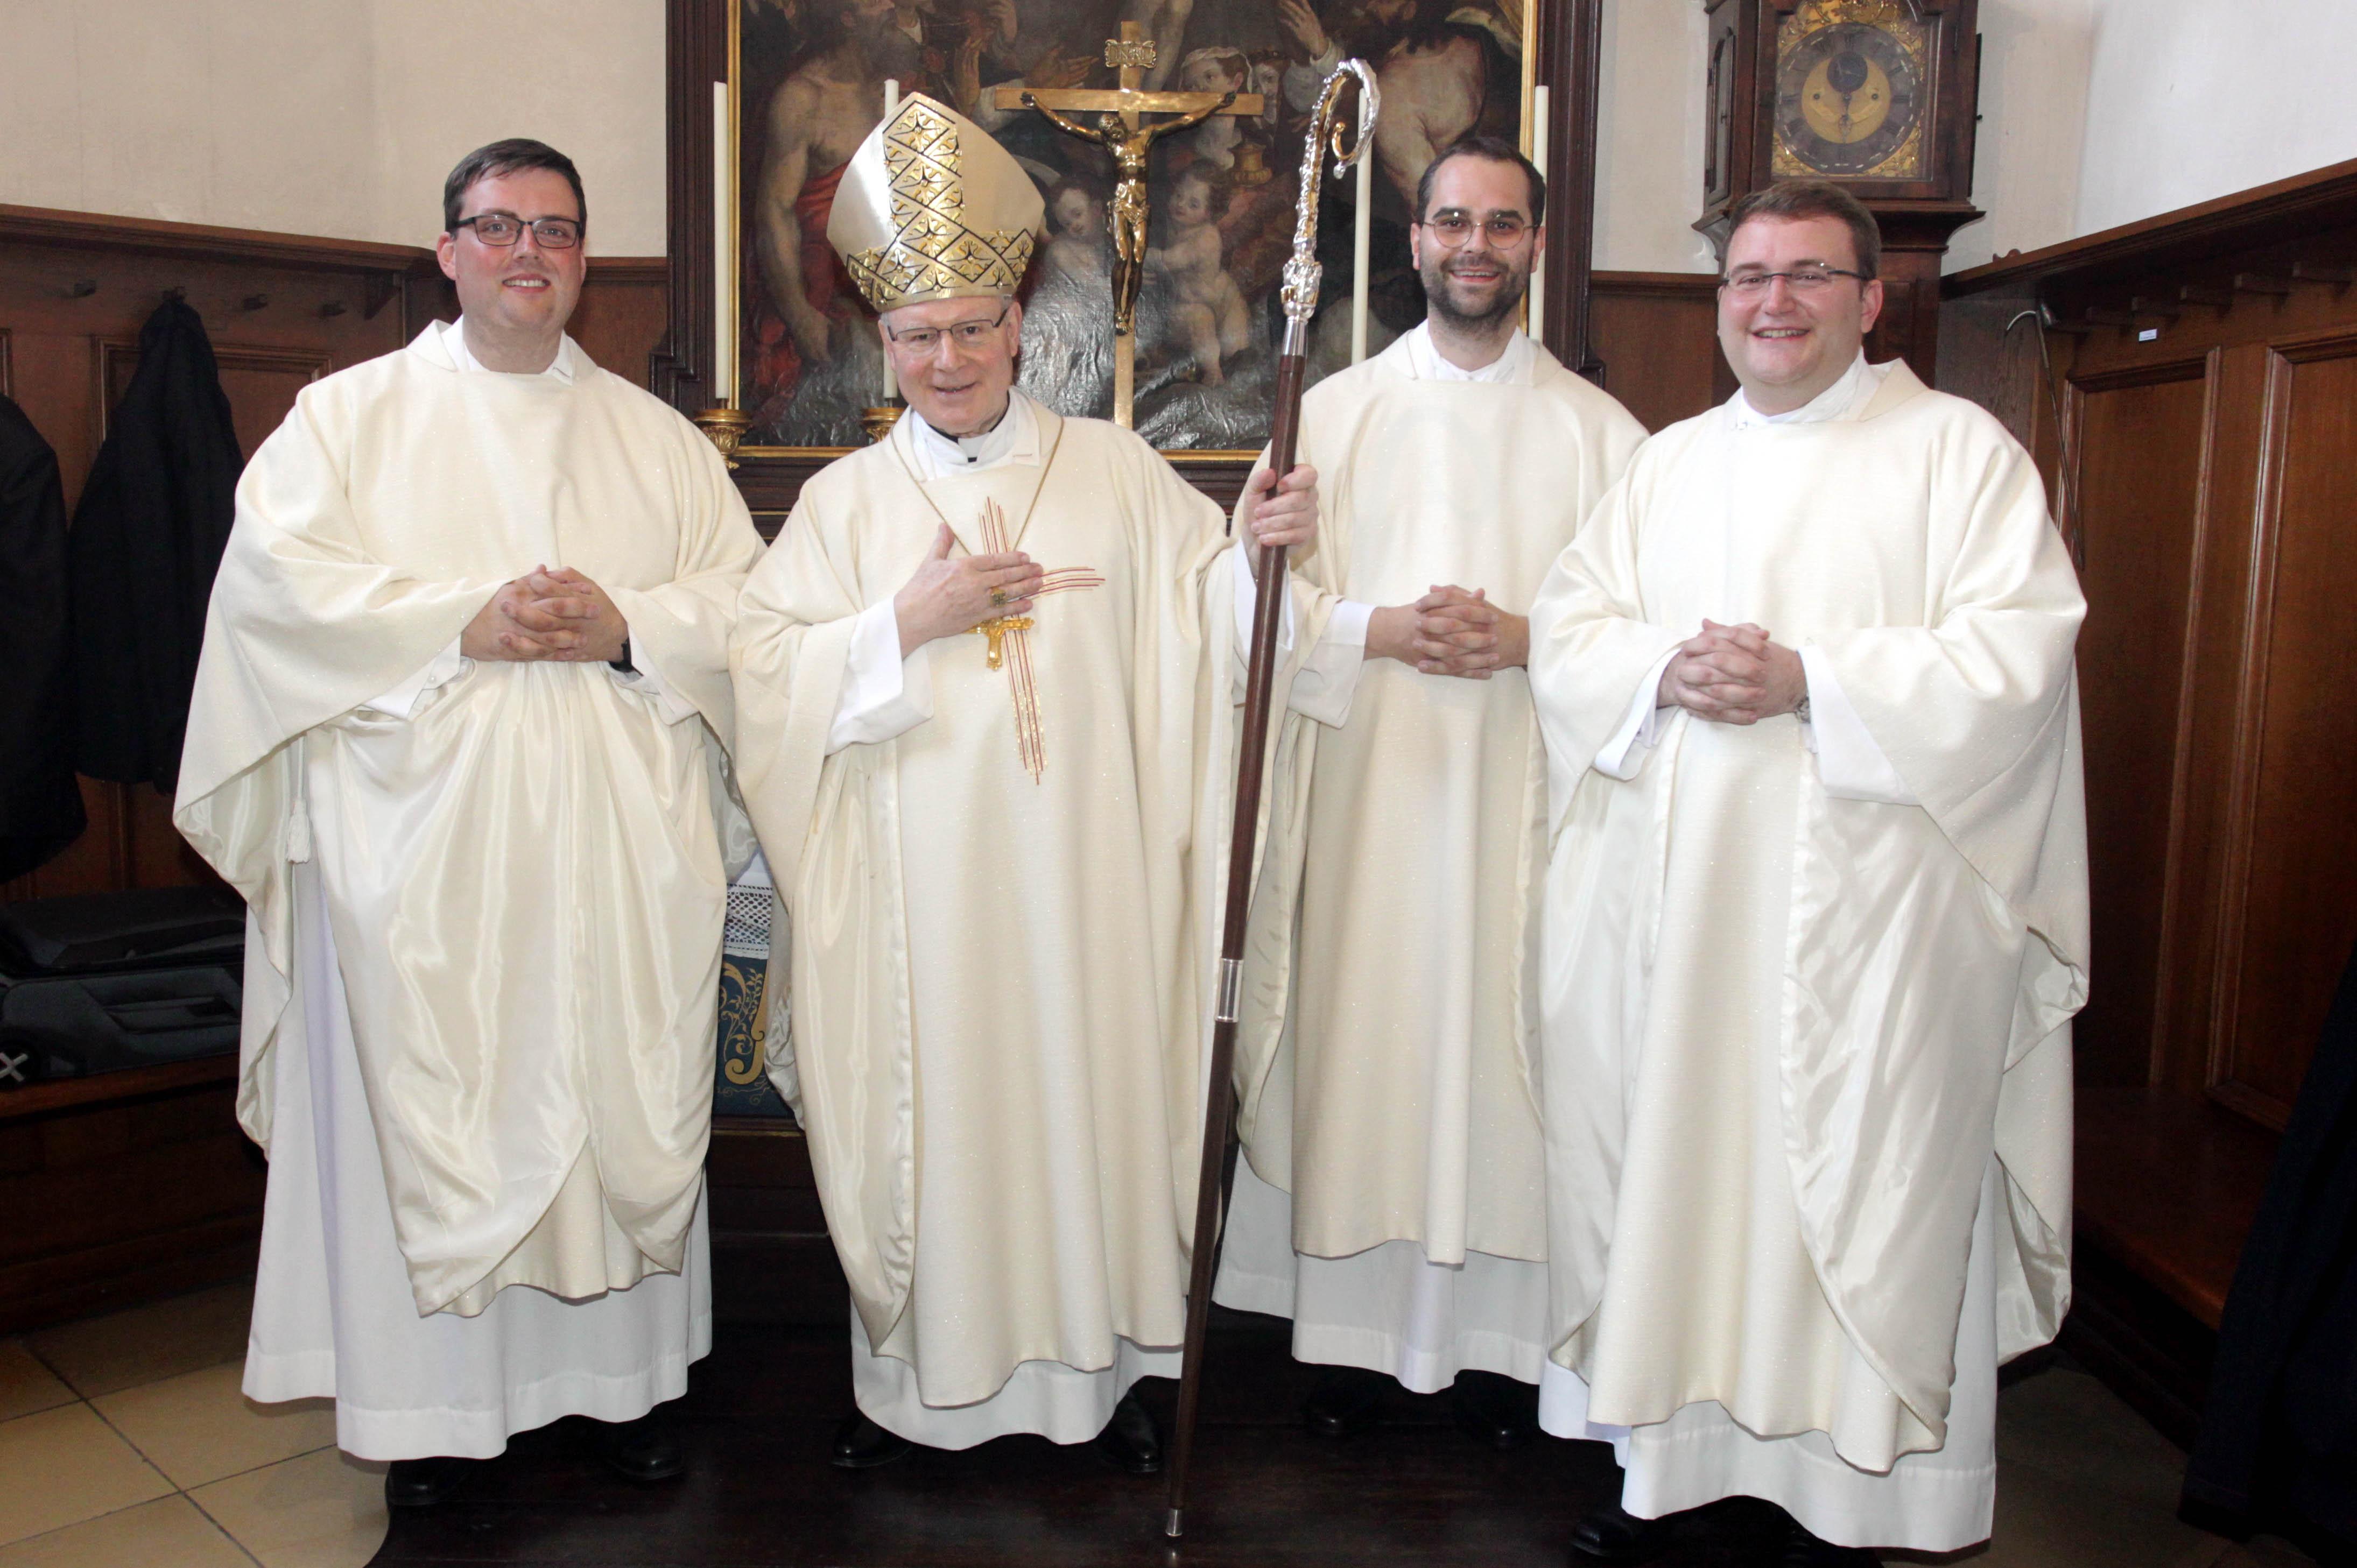 Bischof Konrad mit den neugeweihten Priestern (v.l.) Florian Stadlmayr, Dominik Loy und Dominic Ehehalt. (Foto: Annette Zoepf / pba)